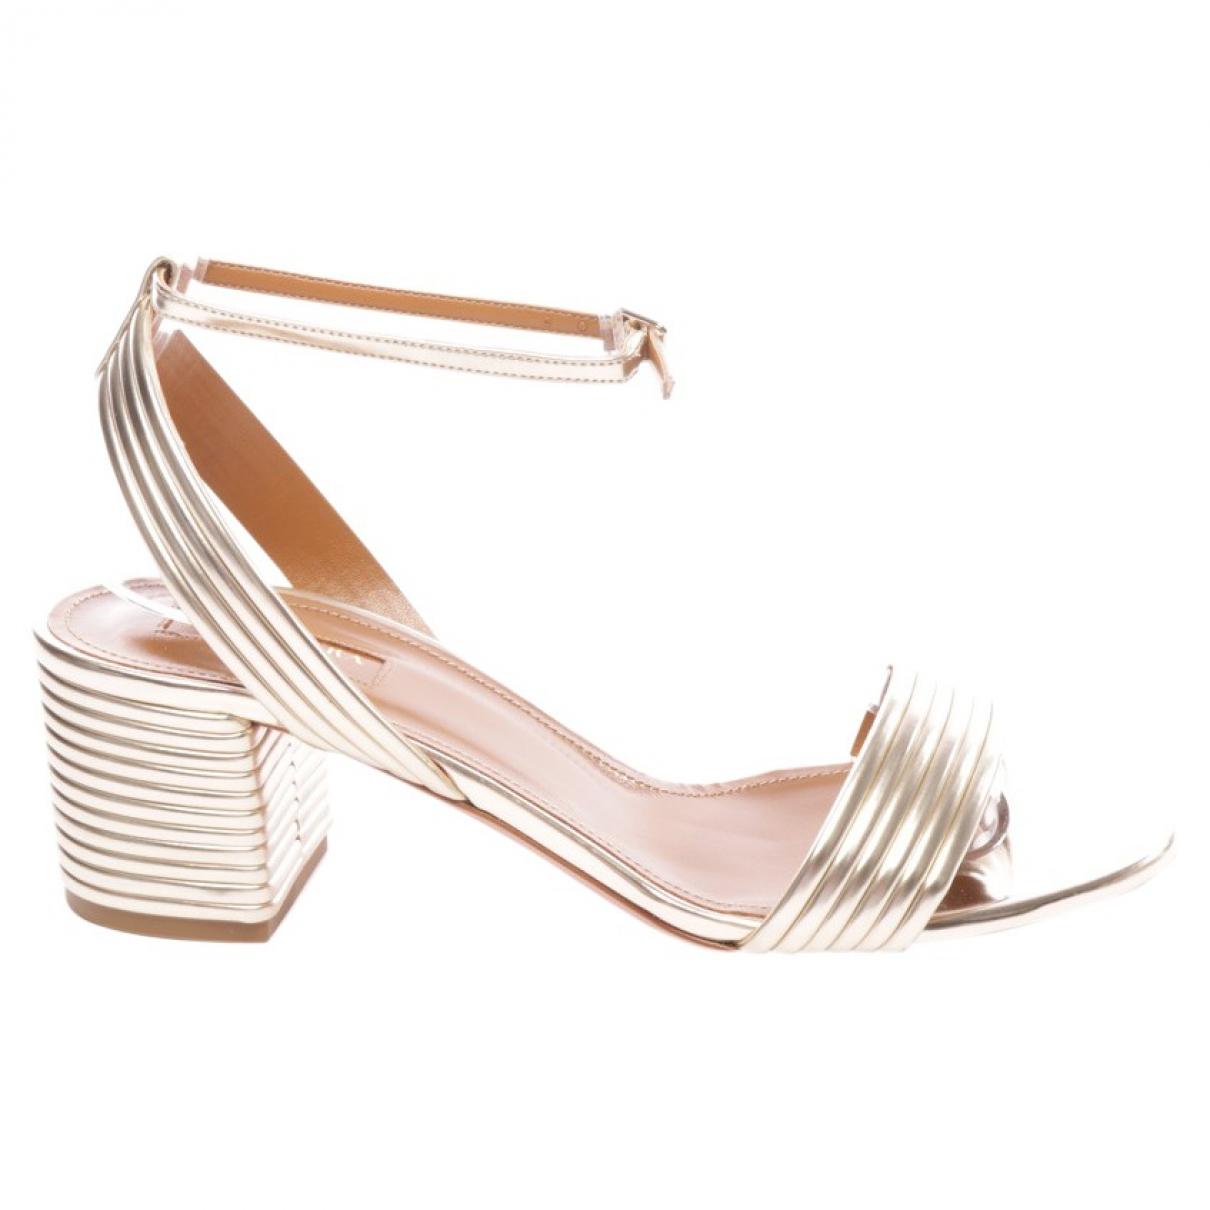 Aquazzura \N Metallic Leather Sandals for Women 38.5 EU